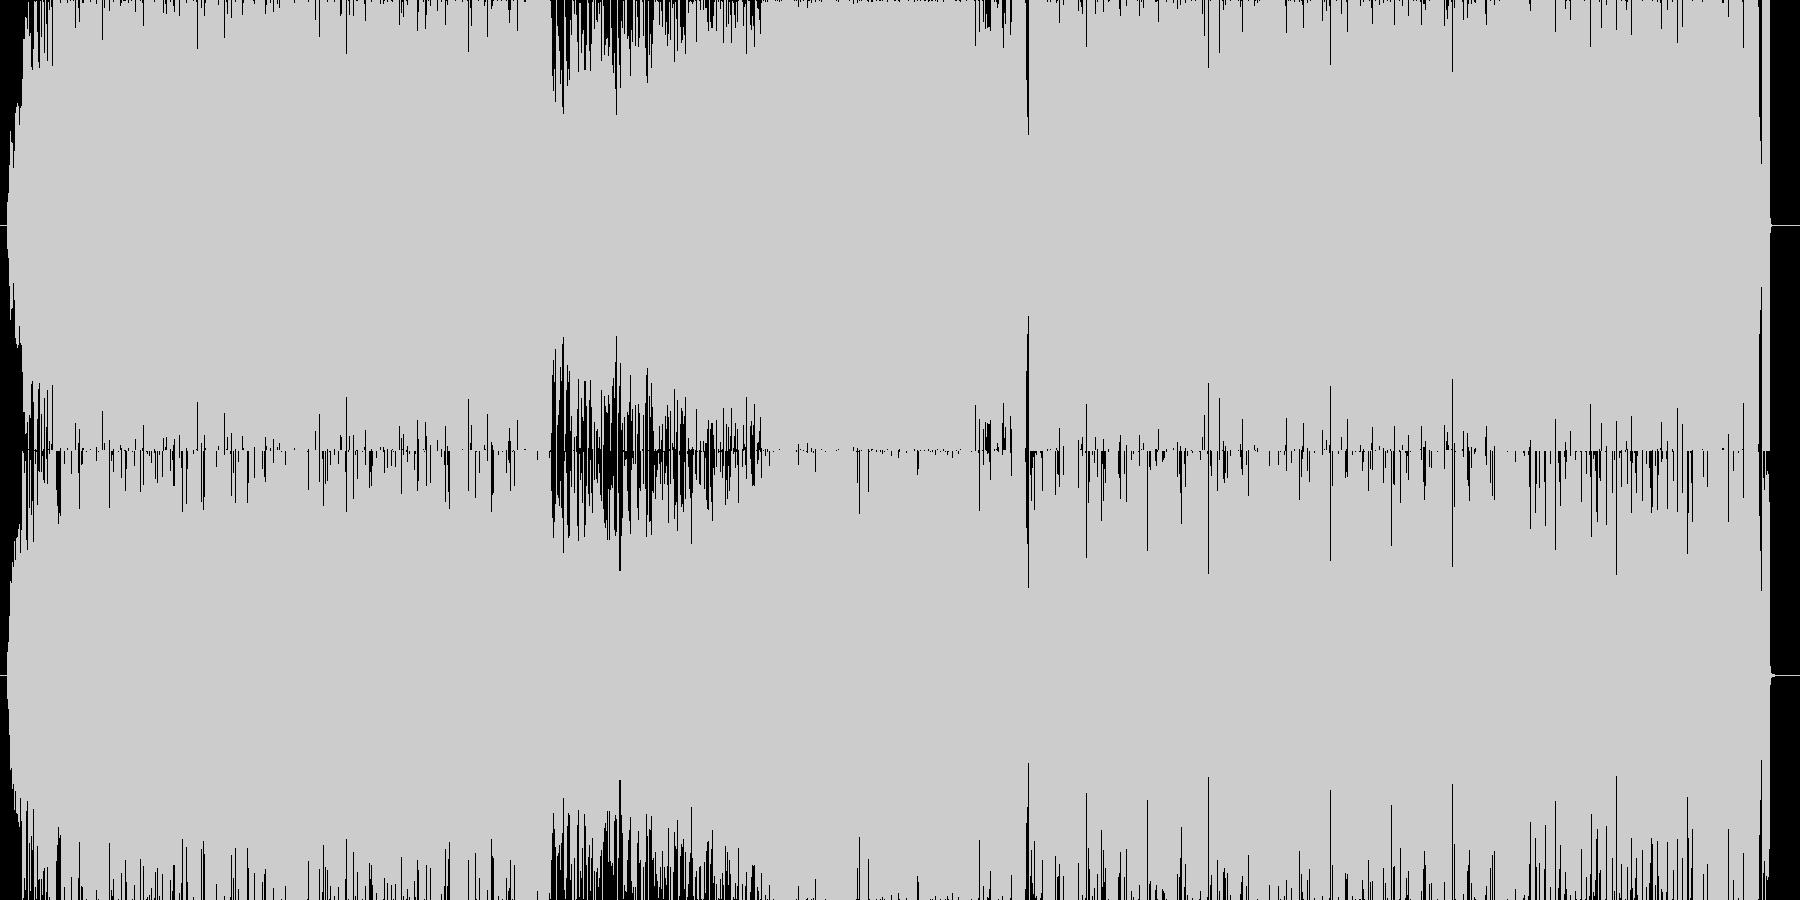 リオのカーニバル的なシンセチューンの未再生の波形